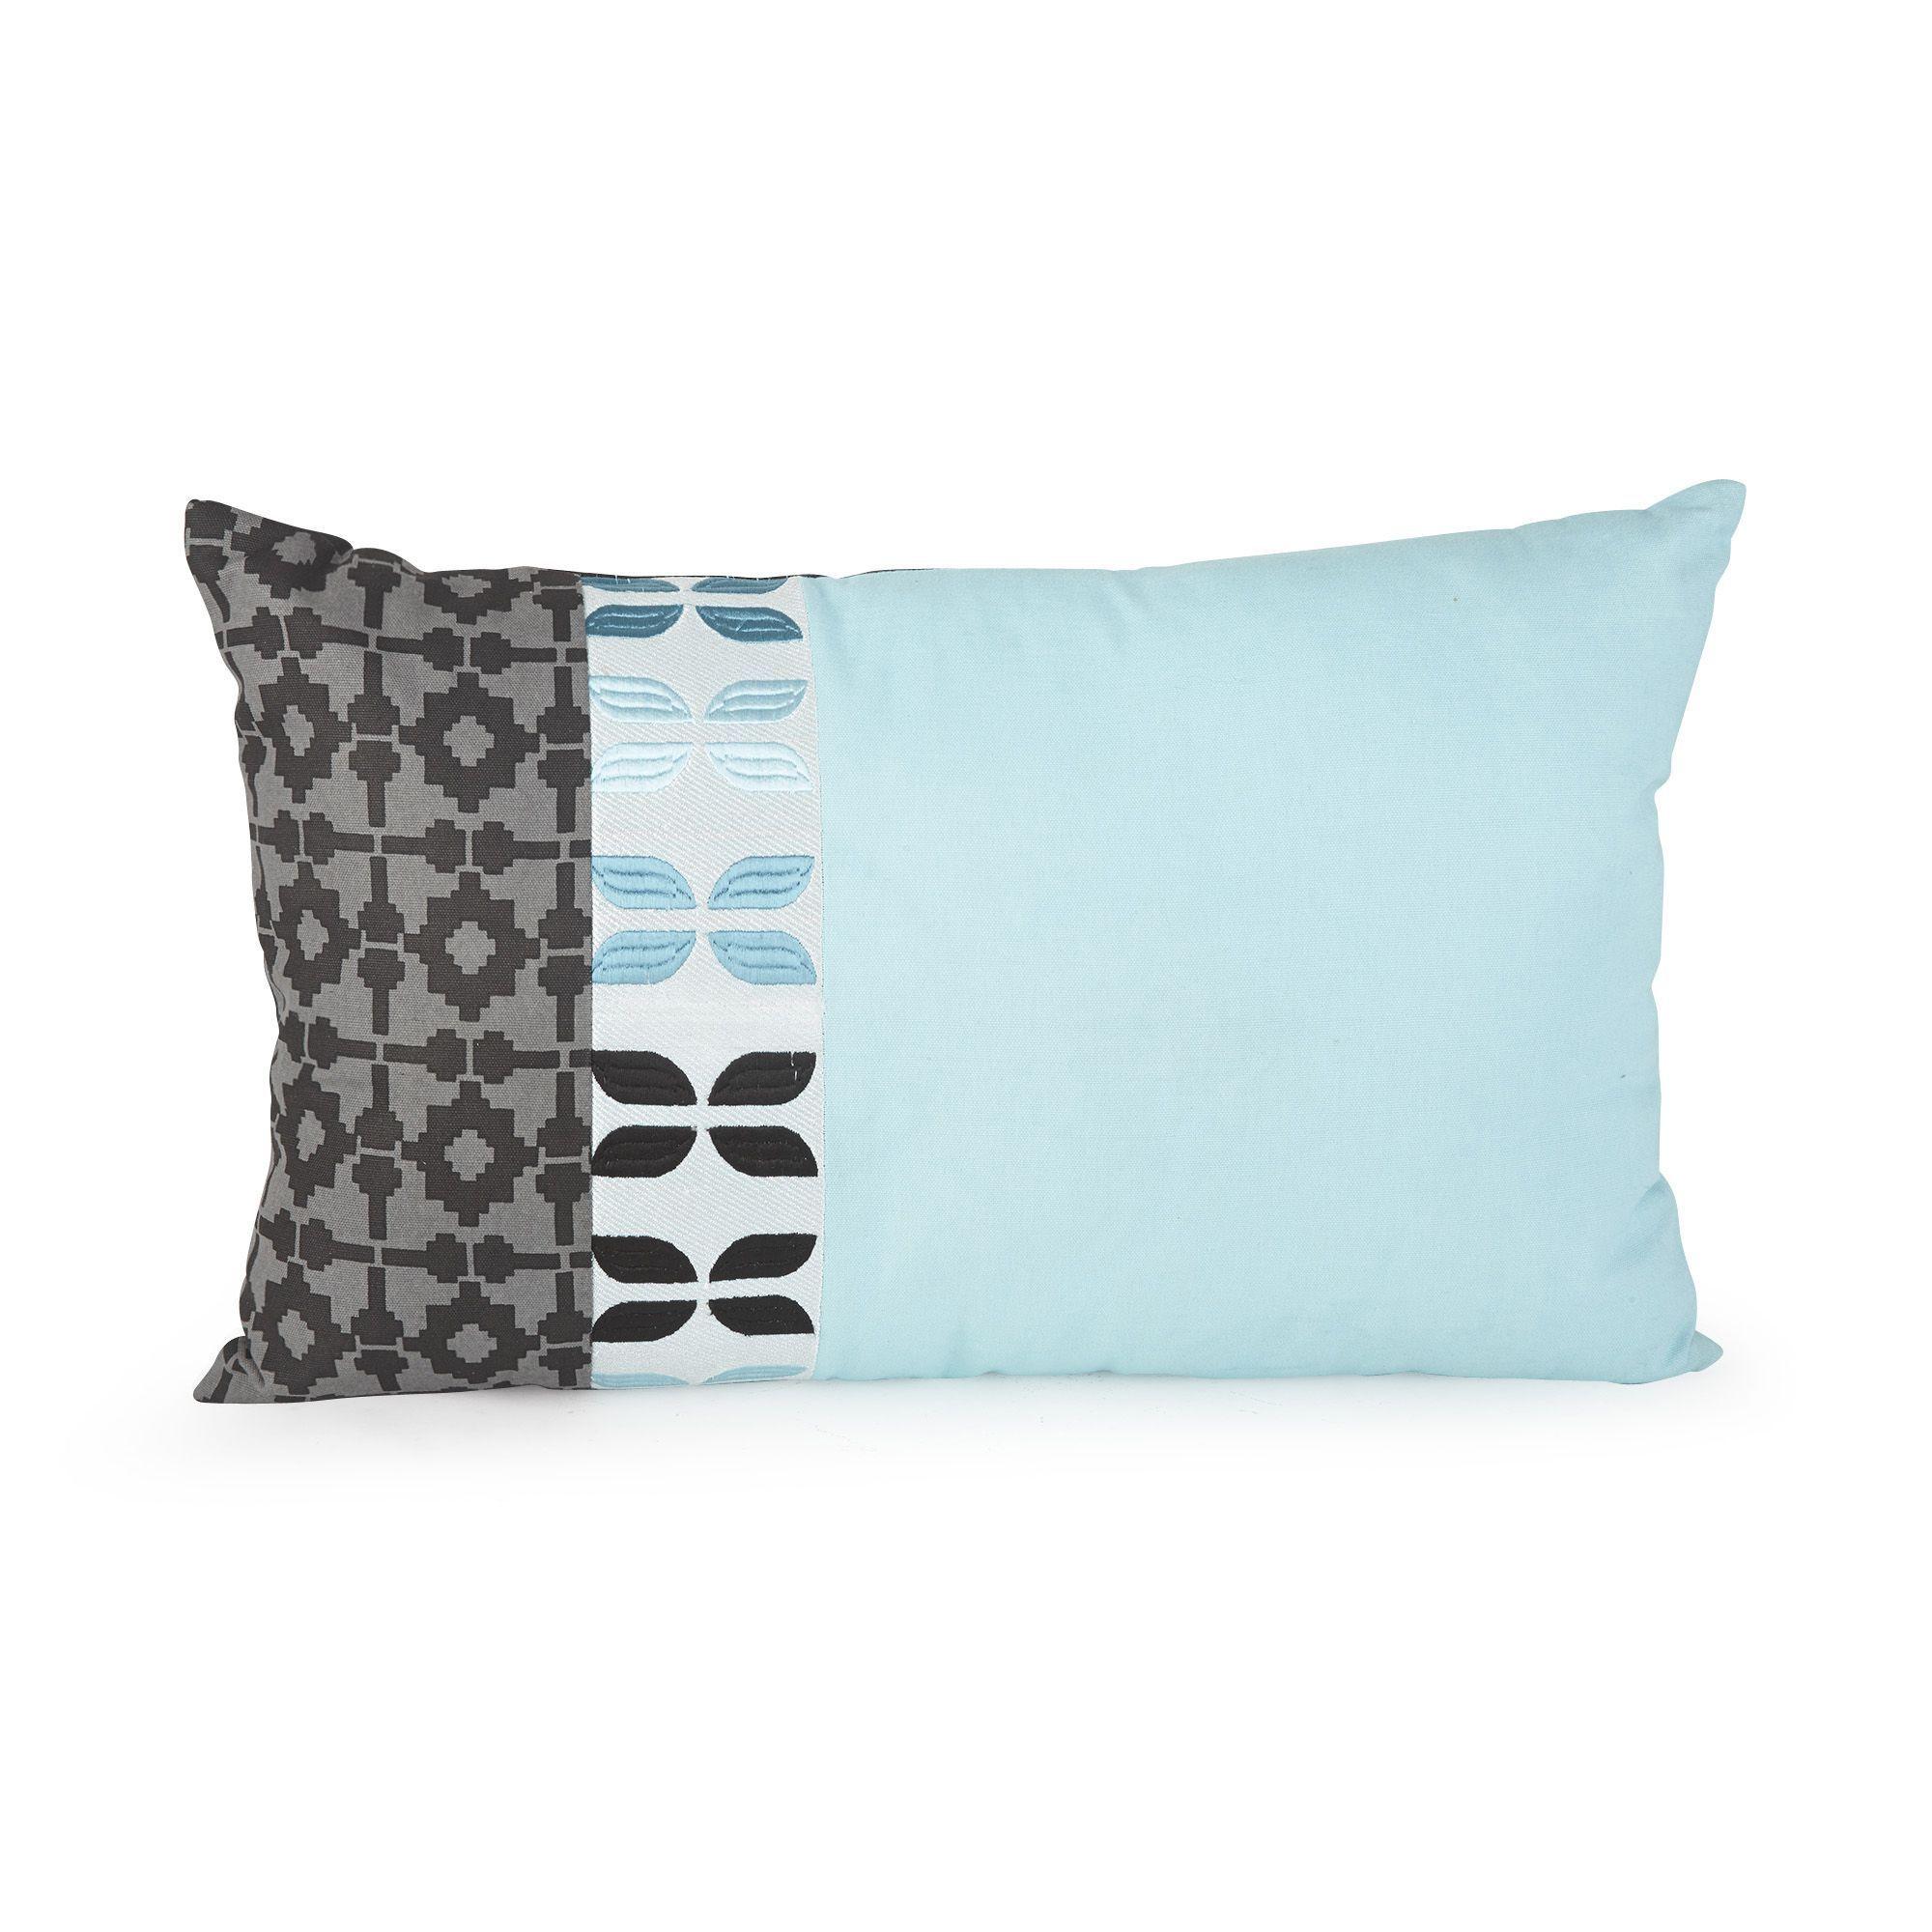 coussin en coton bleu et taupe 40x60cm sally les coussins d coratifs textiles et tapis salon. Black Bedroom Furniture Sets. Home Design Ideas